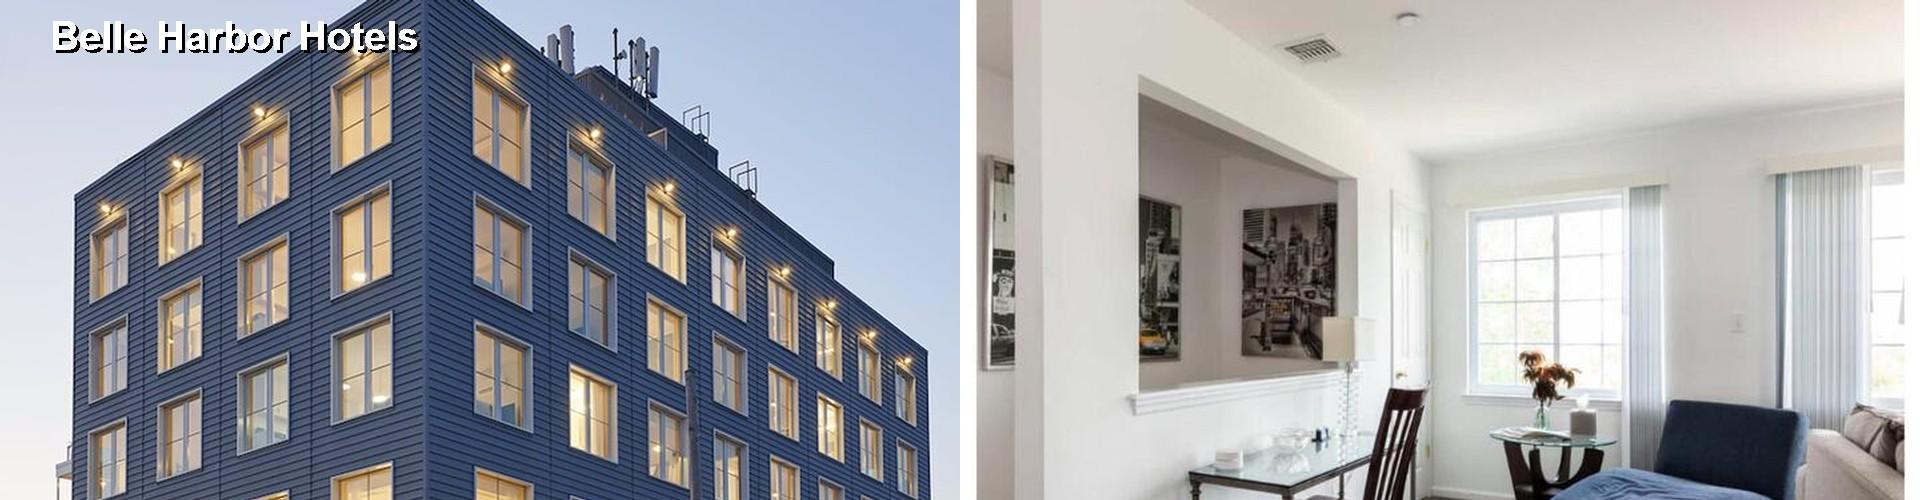 91 hotels near belle harbor in new york city ny for Harbor motor inn brooklyn ny 11214